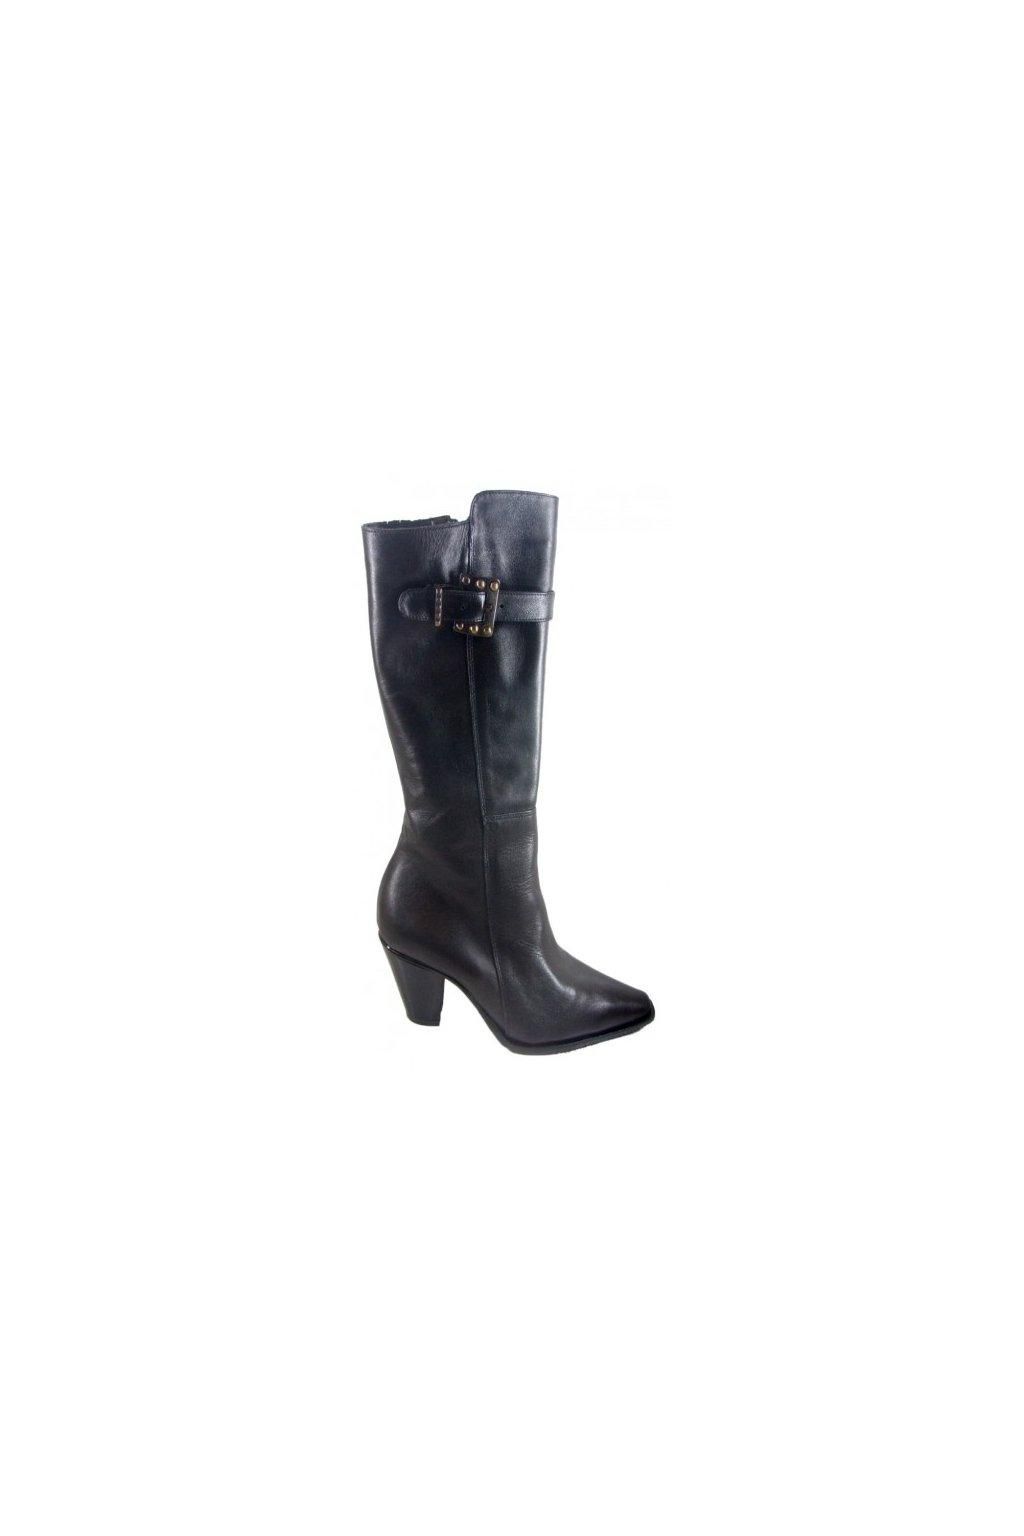 Podměrná dámská obuv Kuda 9170/927